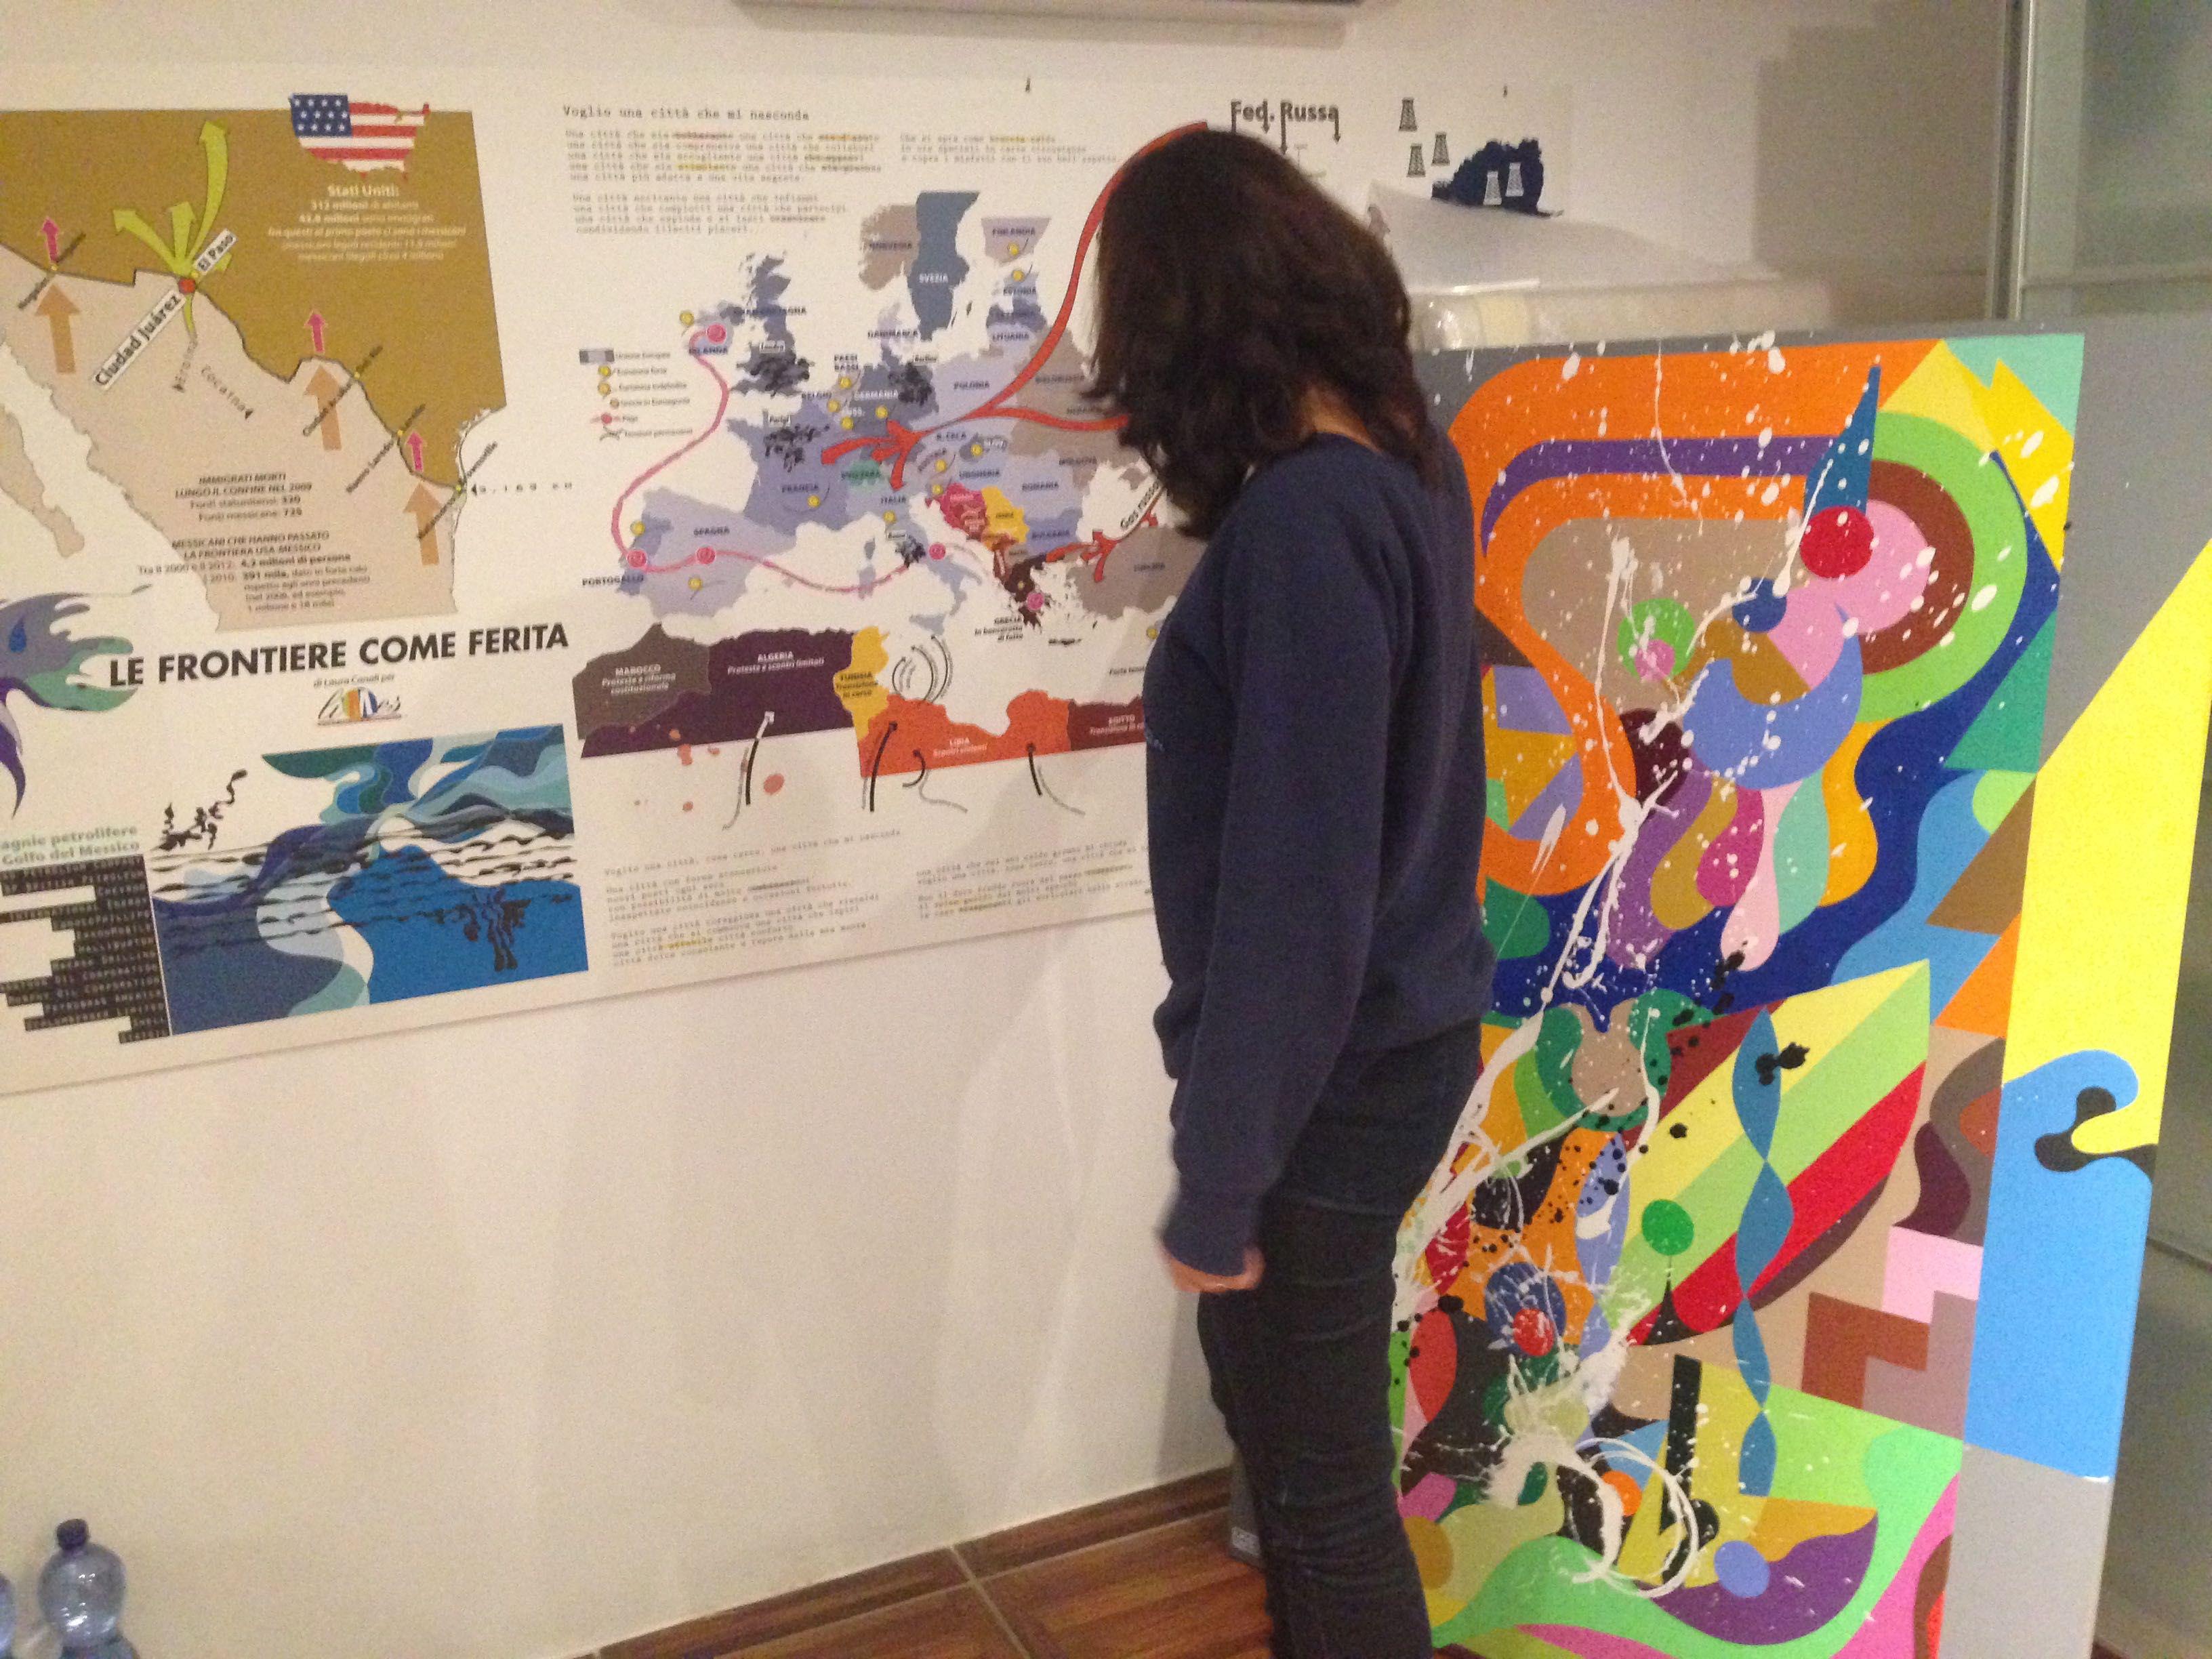 Copia di Confine tra pittura e cartografia